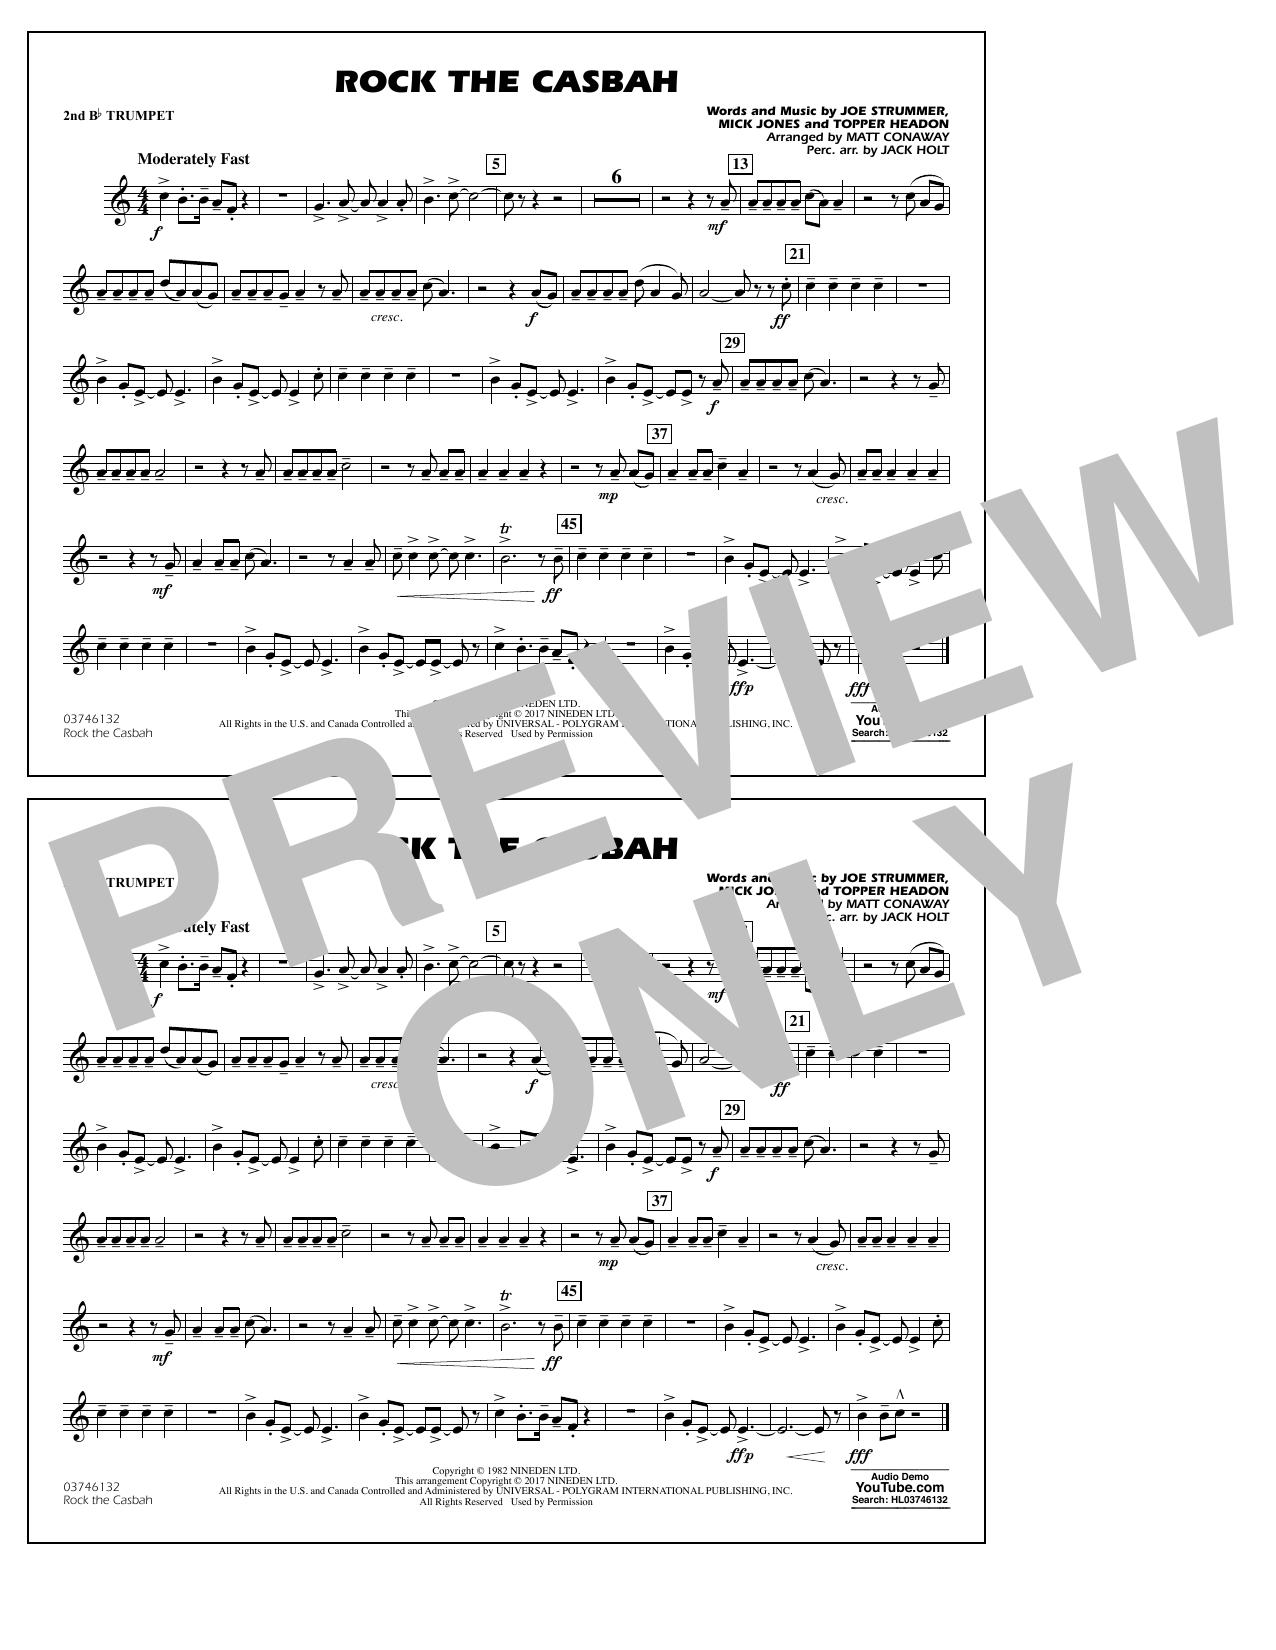 Rock the Casbah - 2nd Bb Trumpet Sheet Music